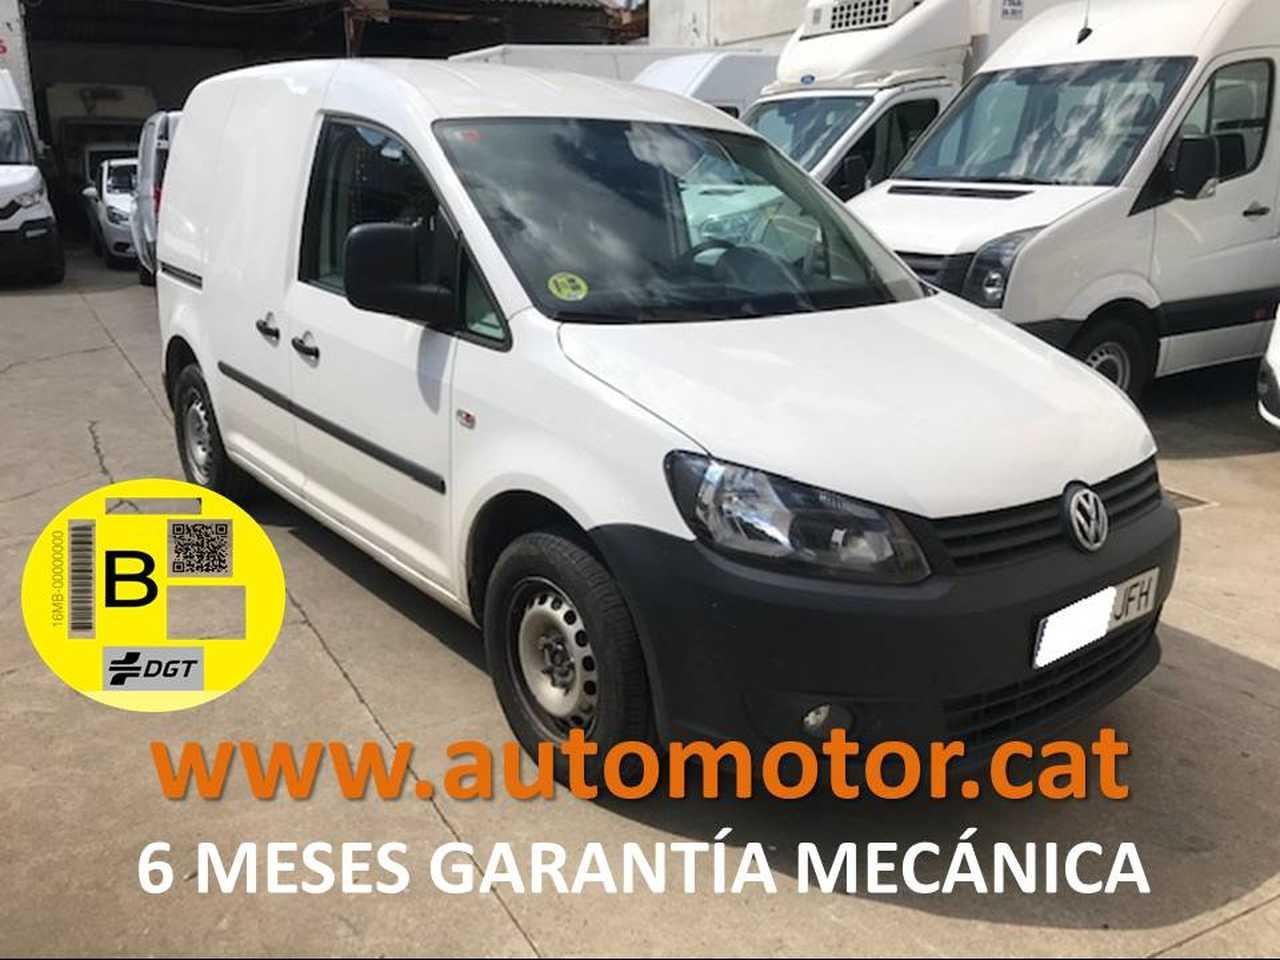 Volkswagen Caddy Furgón 1.6TDI - GARANTIA MECANICA  - Foto 1